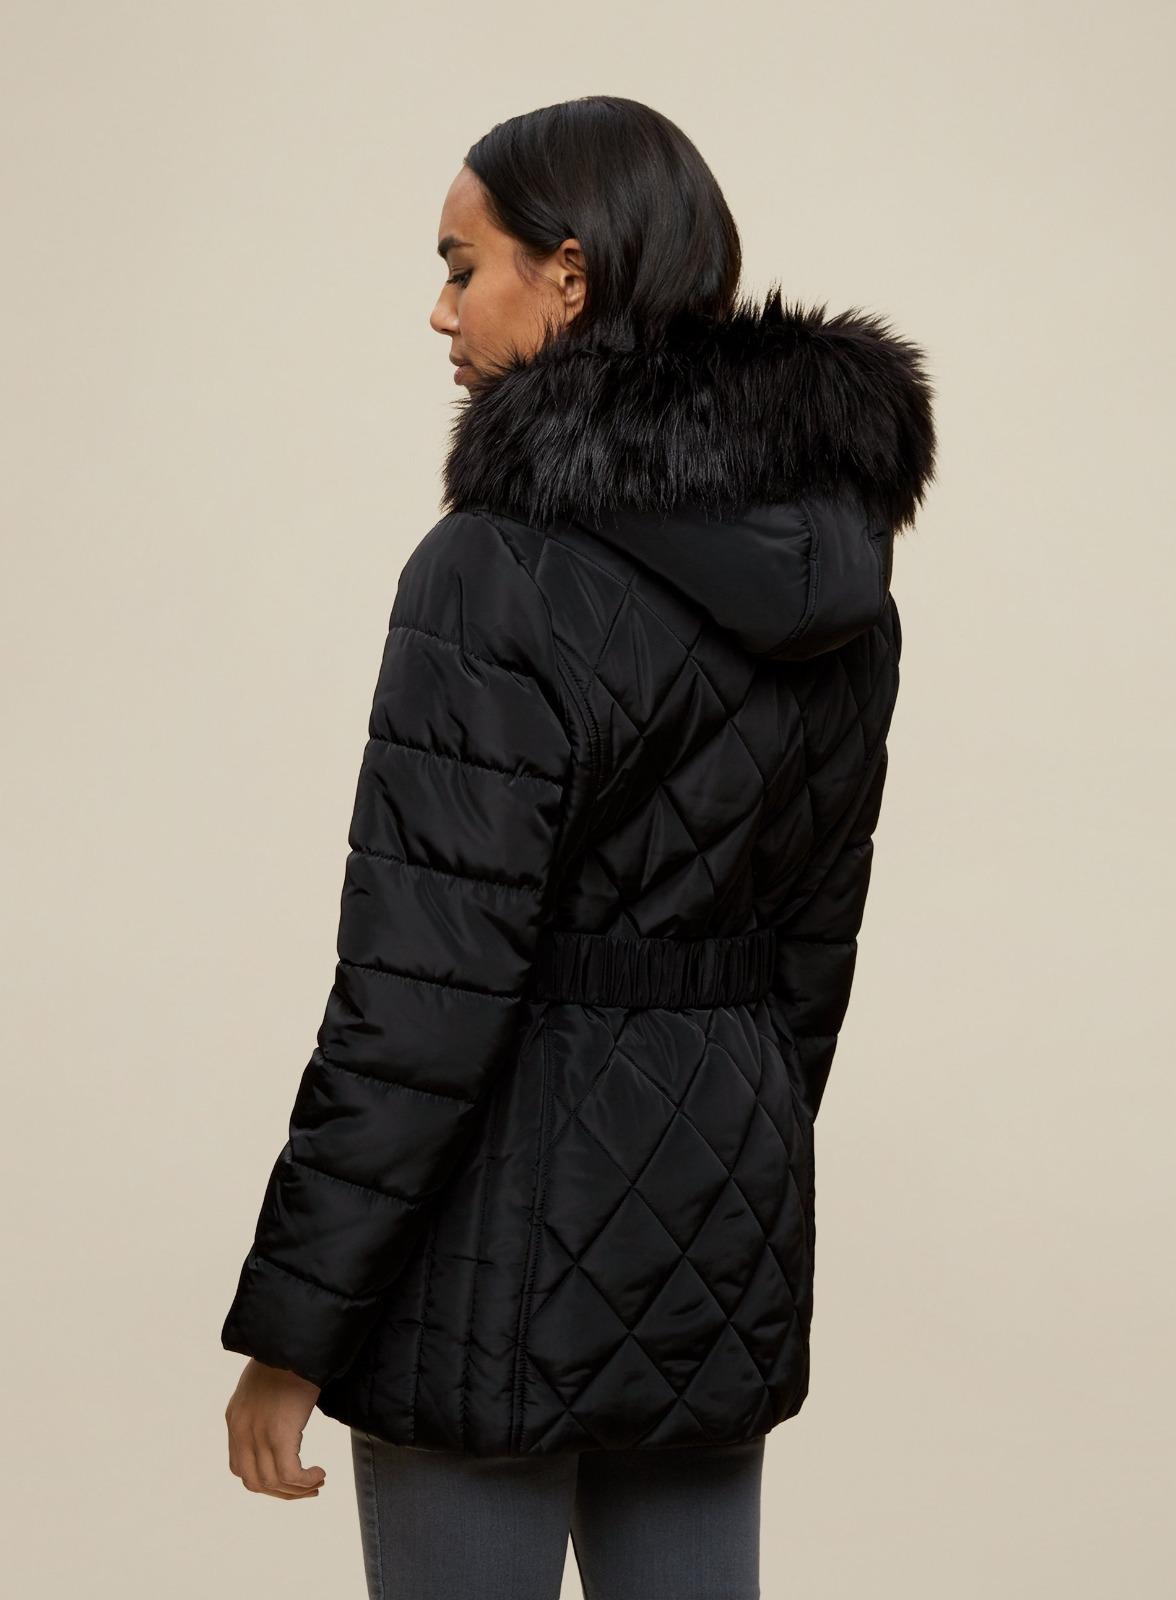 miniature 20 - DP Femme Noir Hiver Court Fourrure Veste Matelassée Manteau Taille 8 10 12 14 16 18